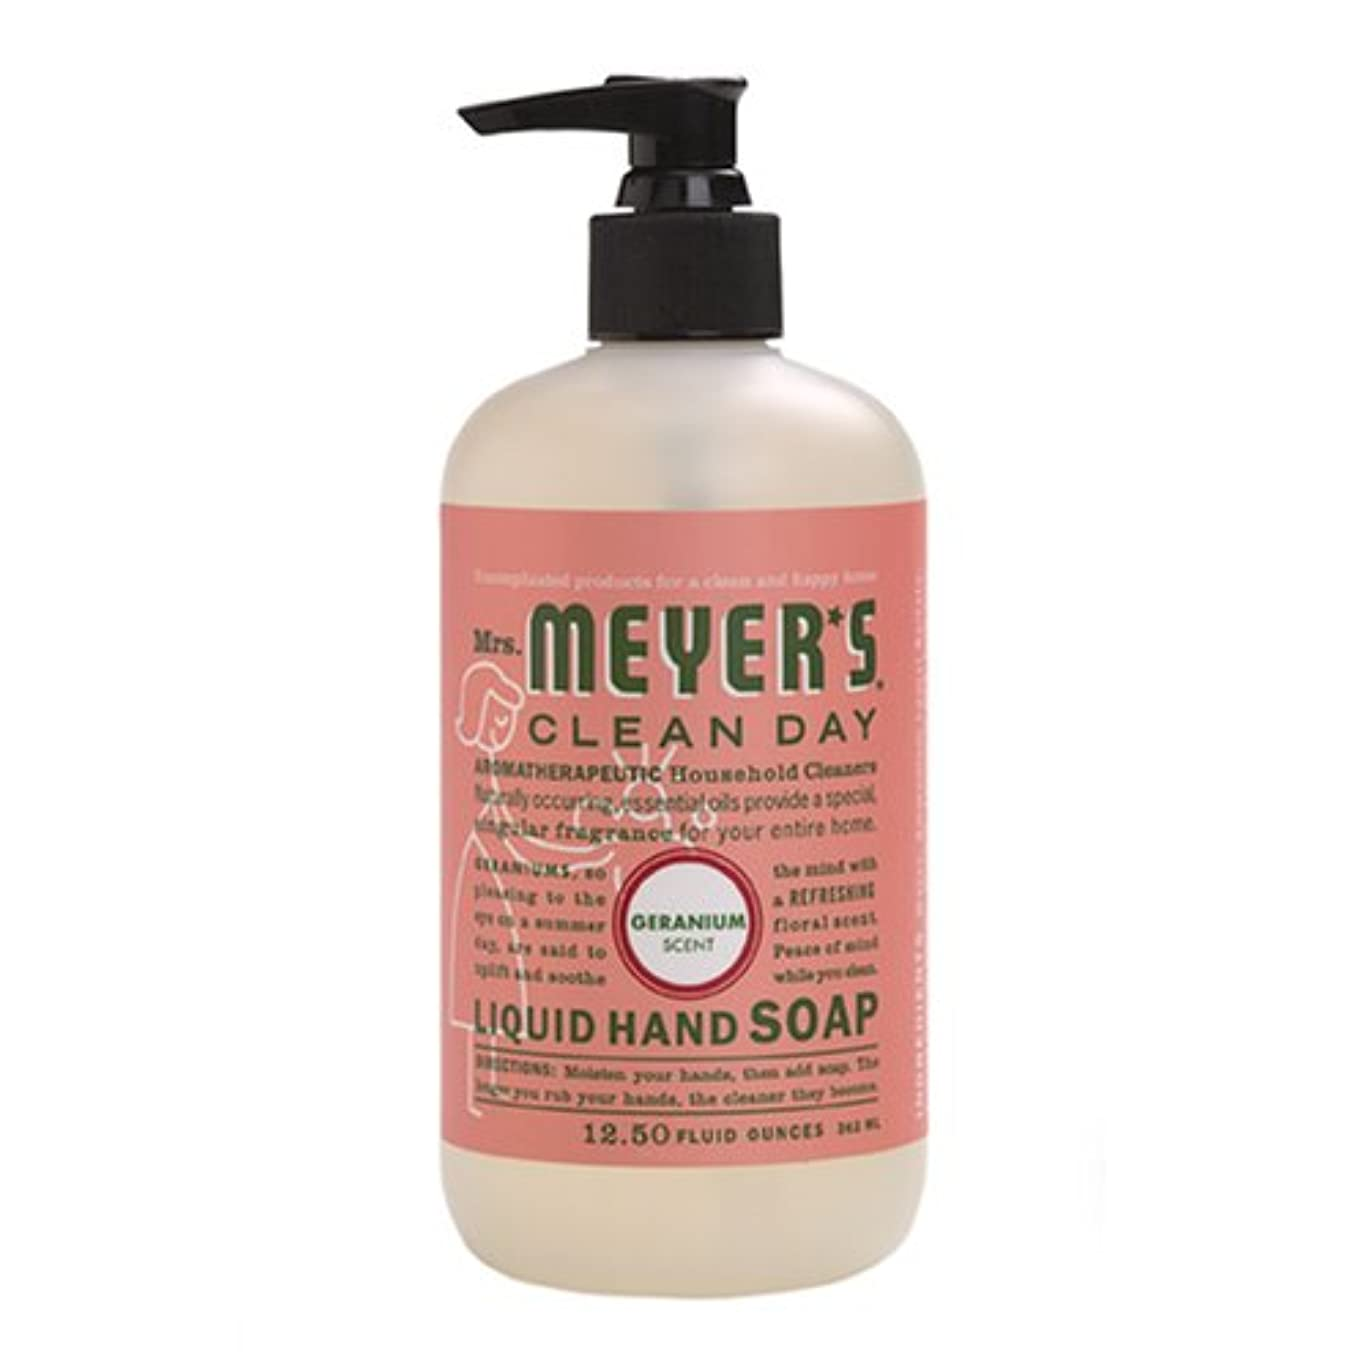 前兆作詞家バリケードMrs. Meyers Clean Day, Liquid Hand Soap, Geranium Scent, 12.5 fl oz (370 ml)